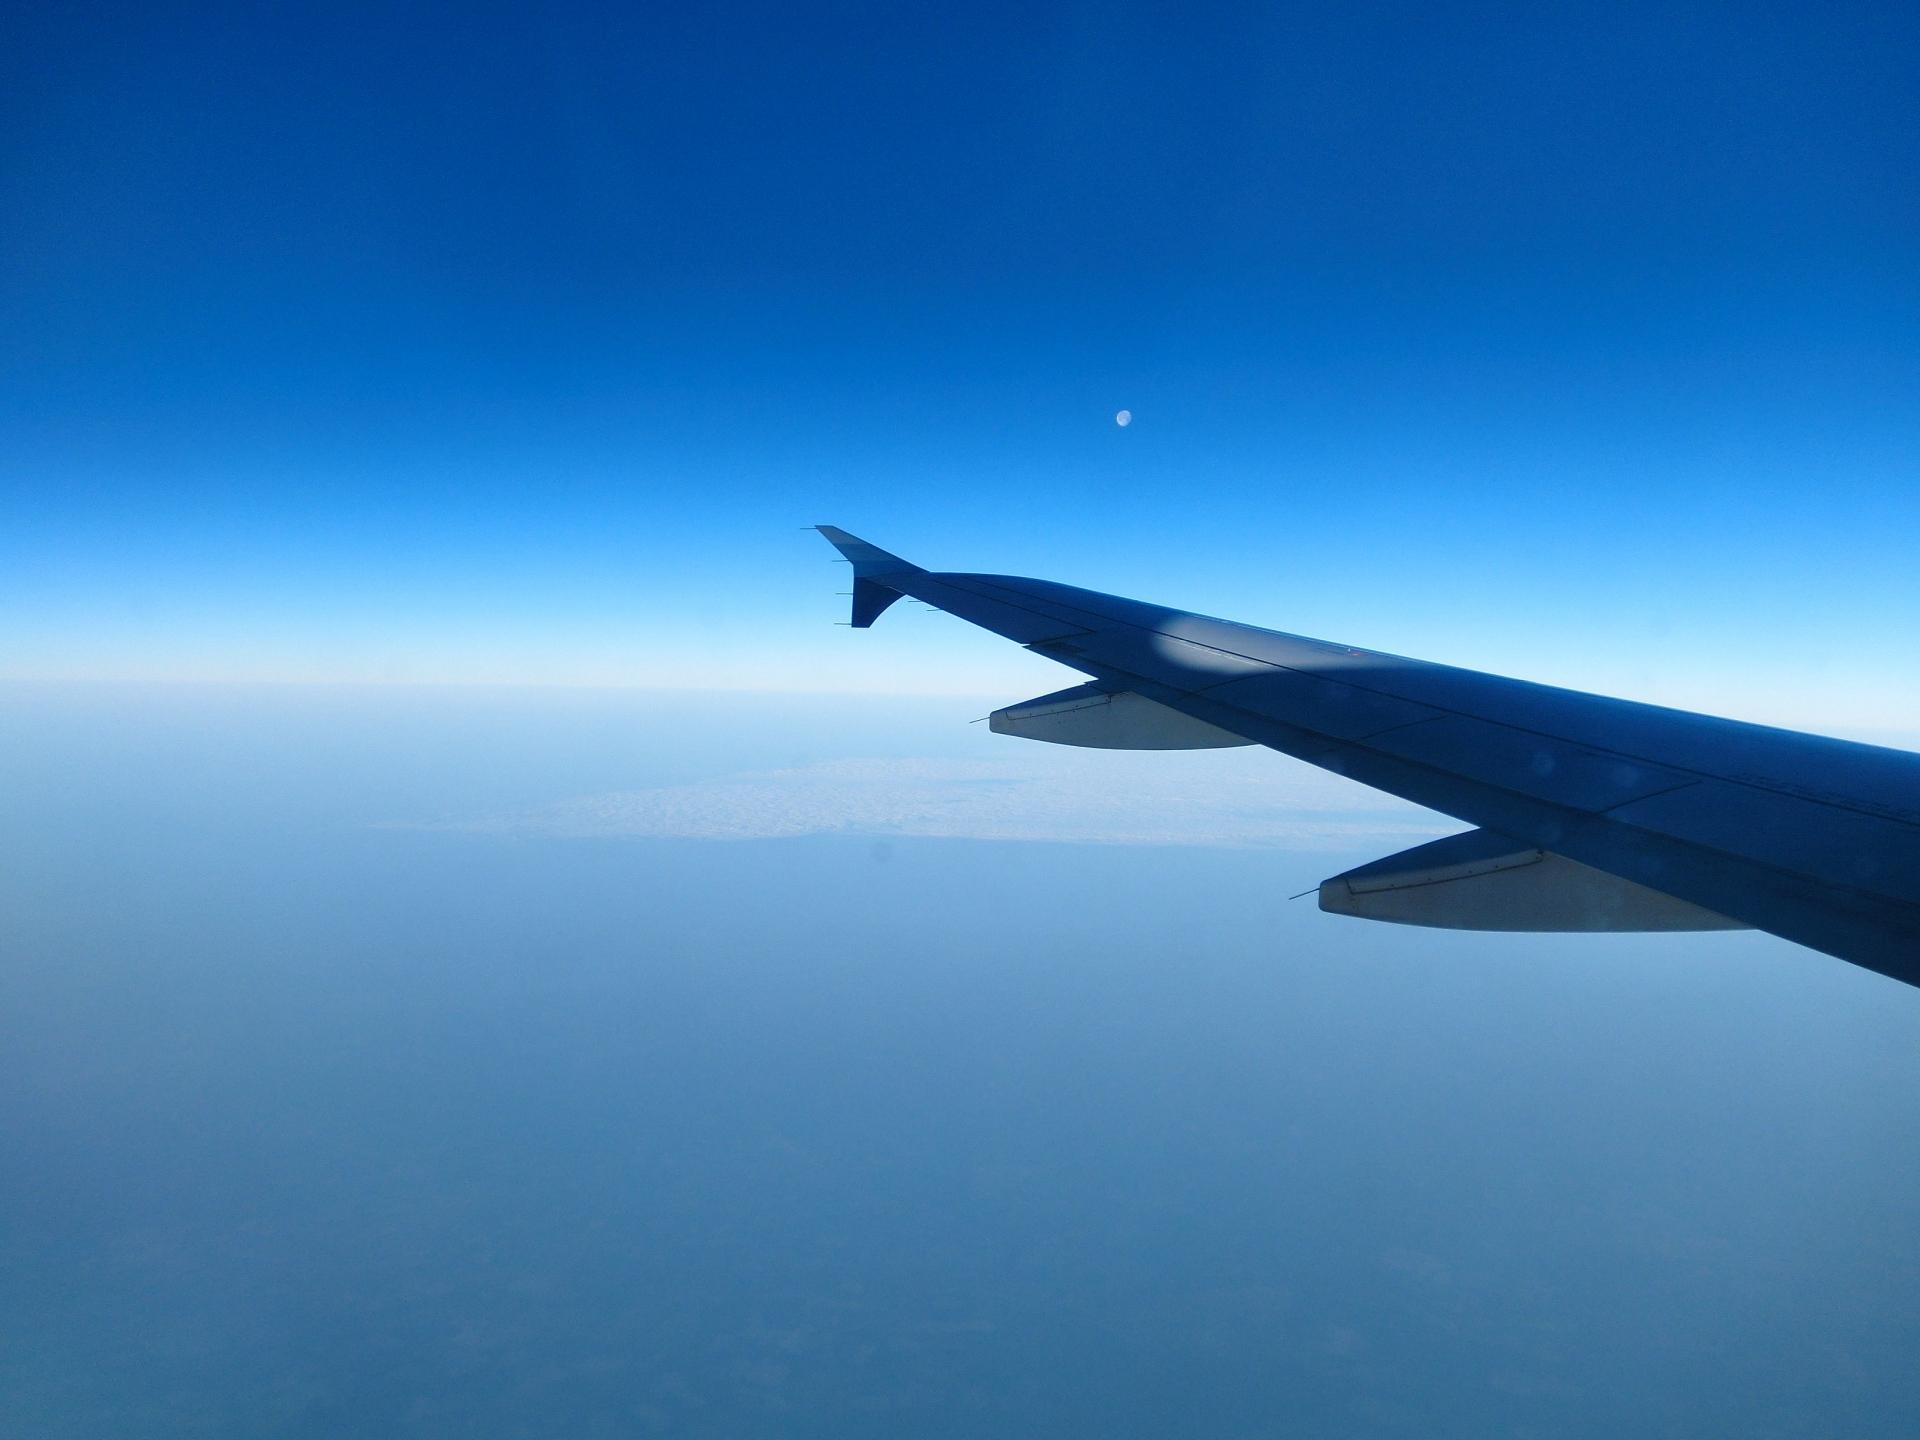 飛行機から見た風景